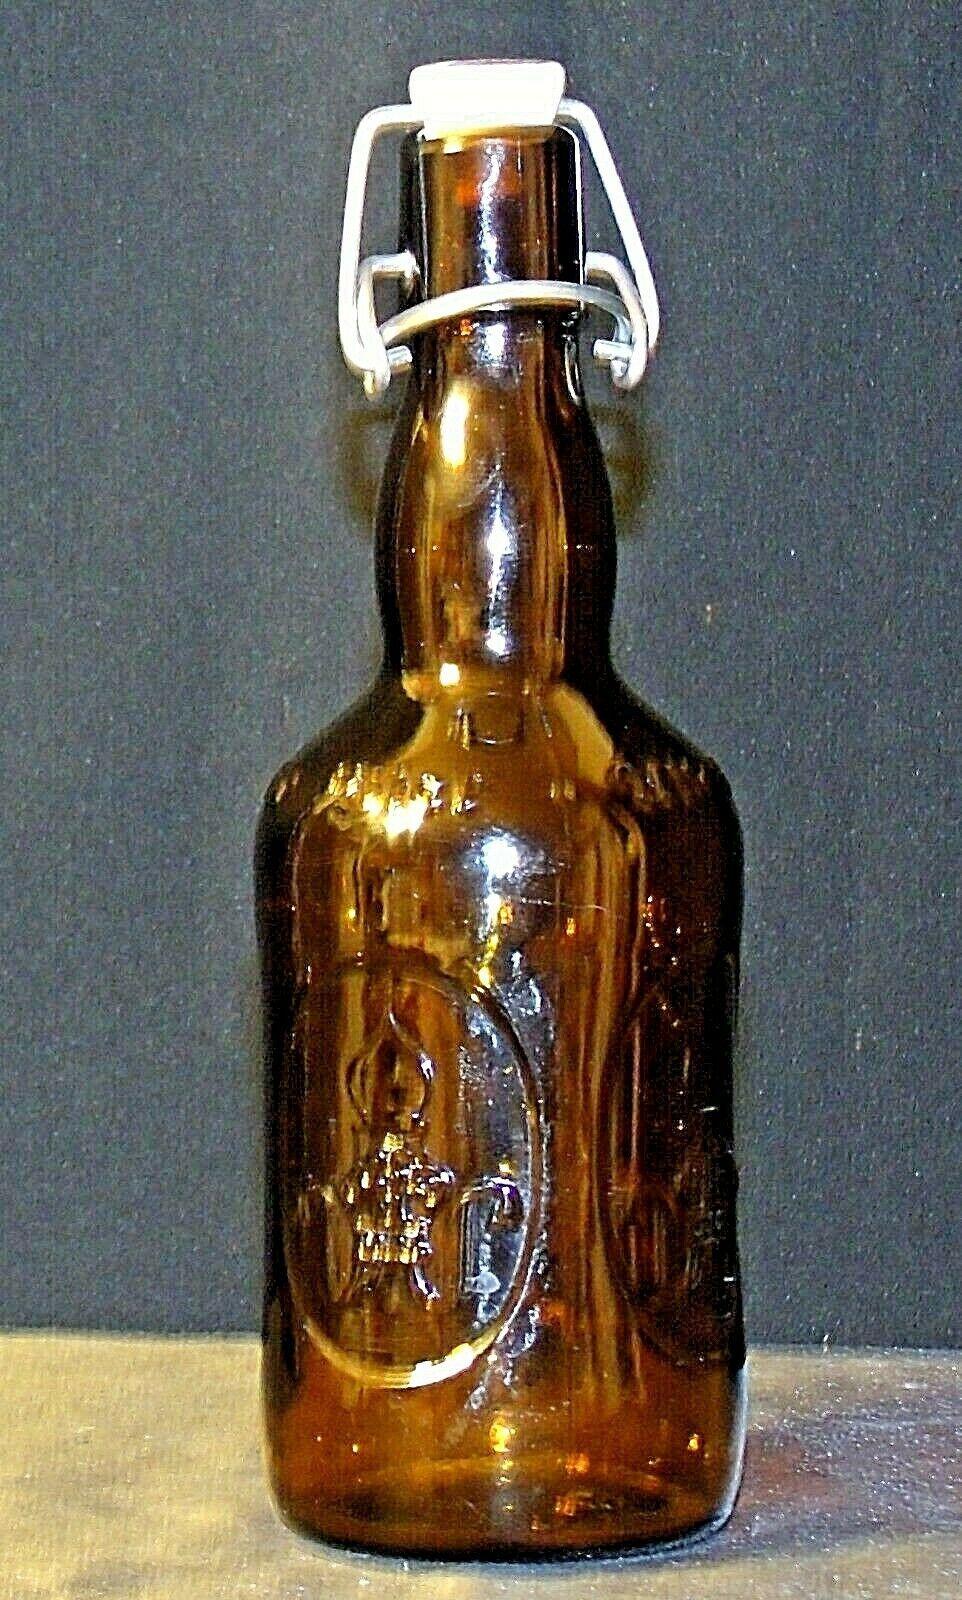 Brauer Bier Amber Brown Beer Bottle AA18 - 1155 Old Vintage